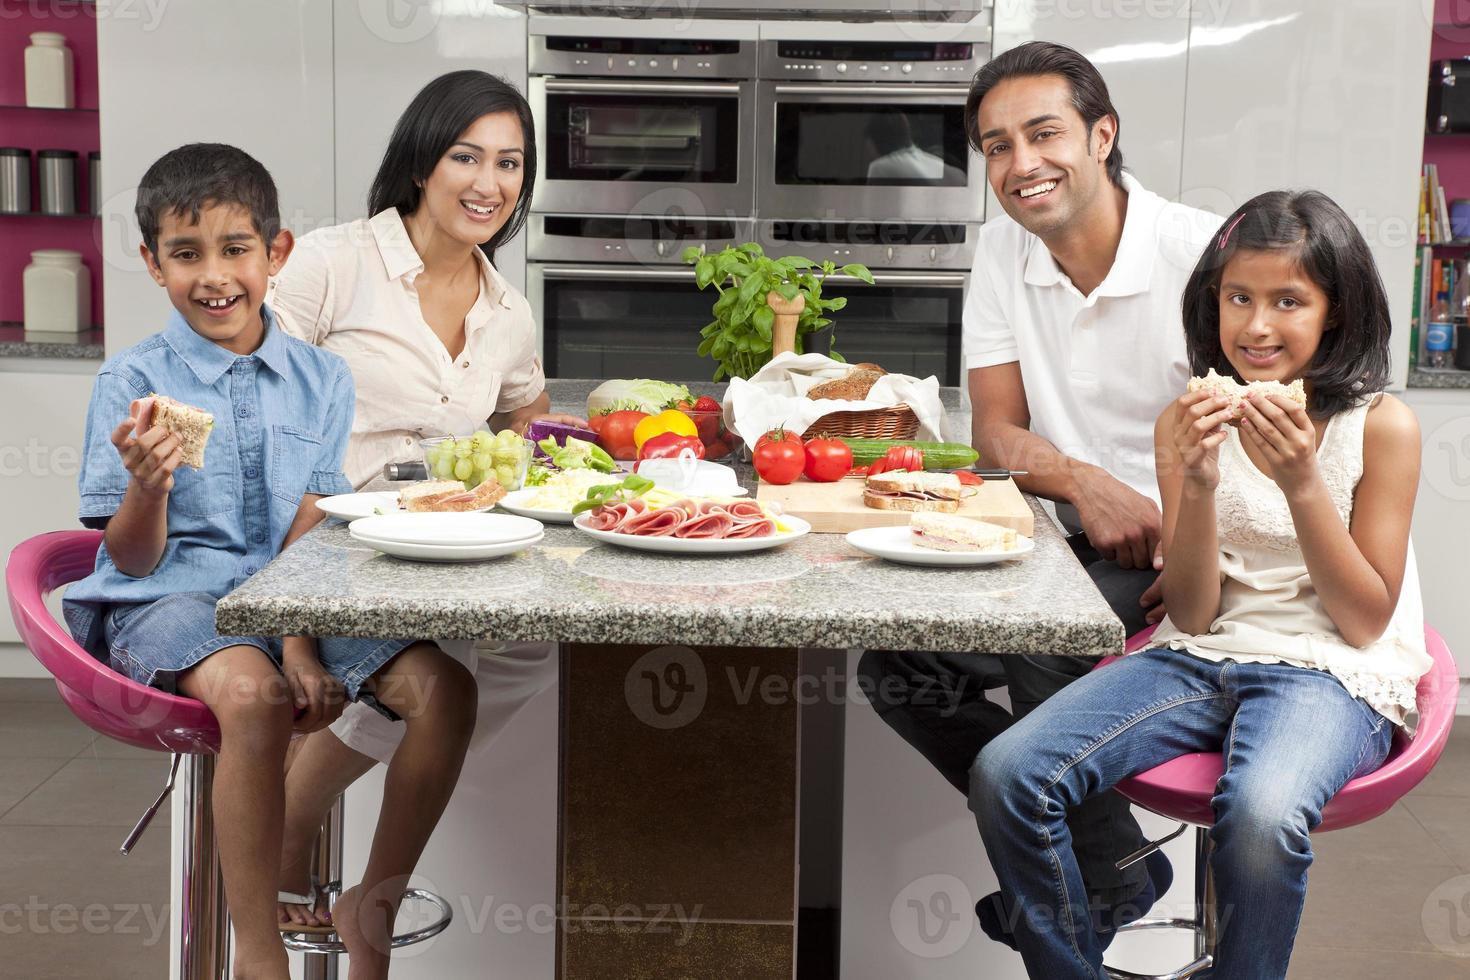 asiatische indische Eltern Kinderfamilie, die gesundes Essen in der Küche isst foto